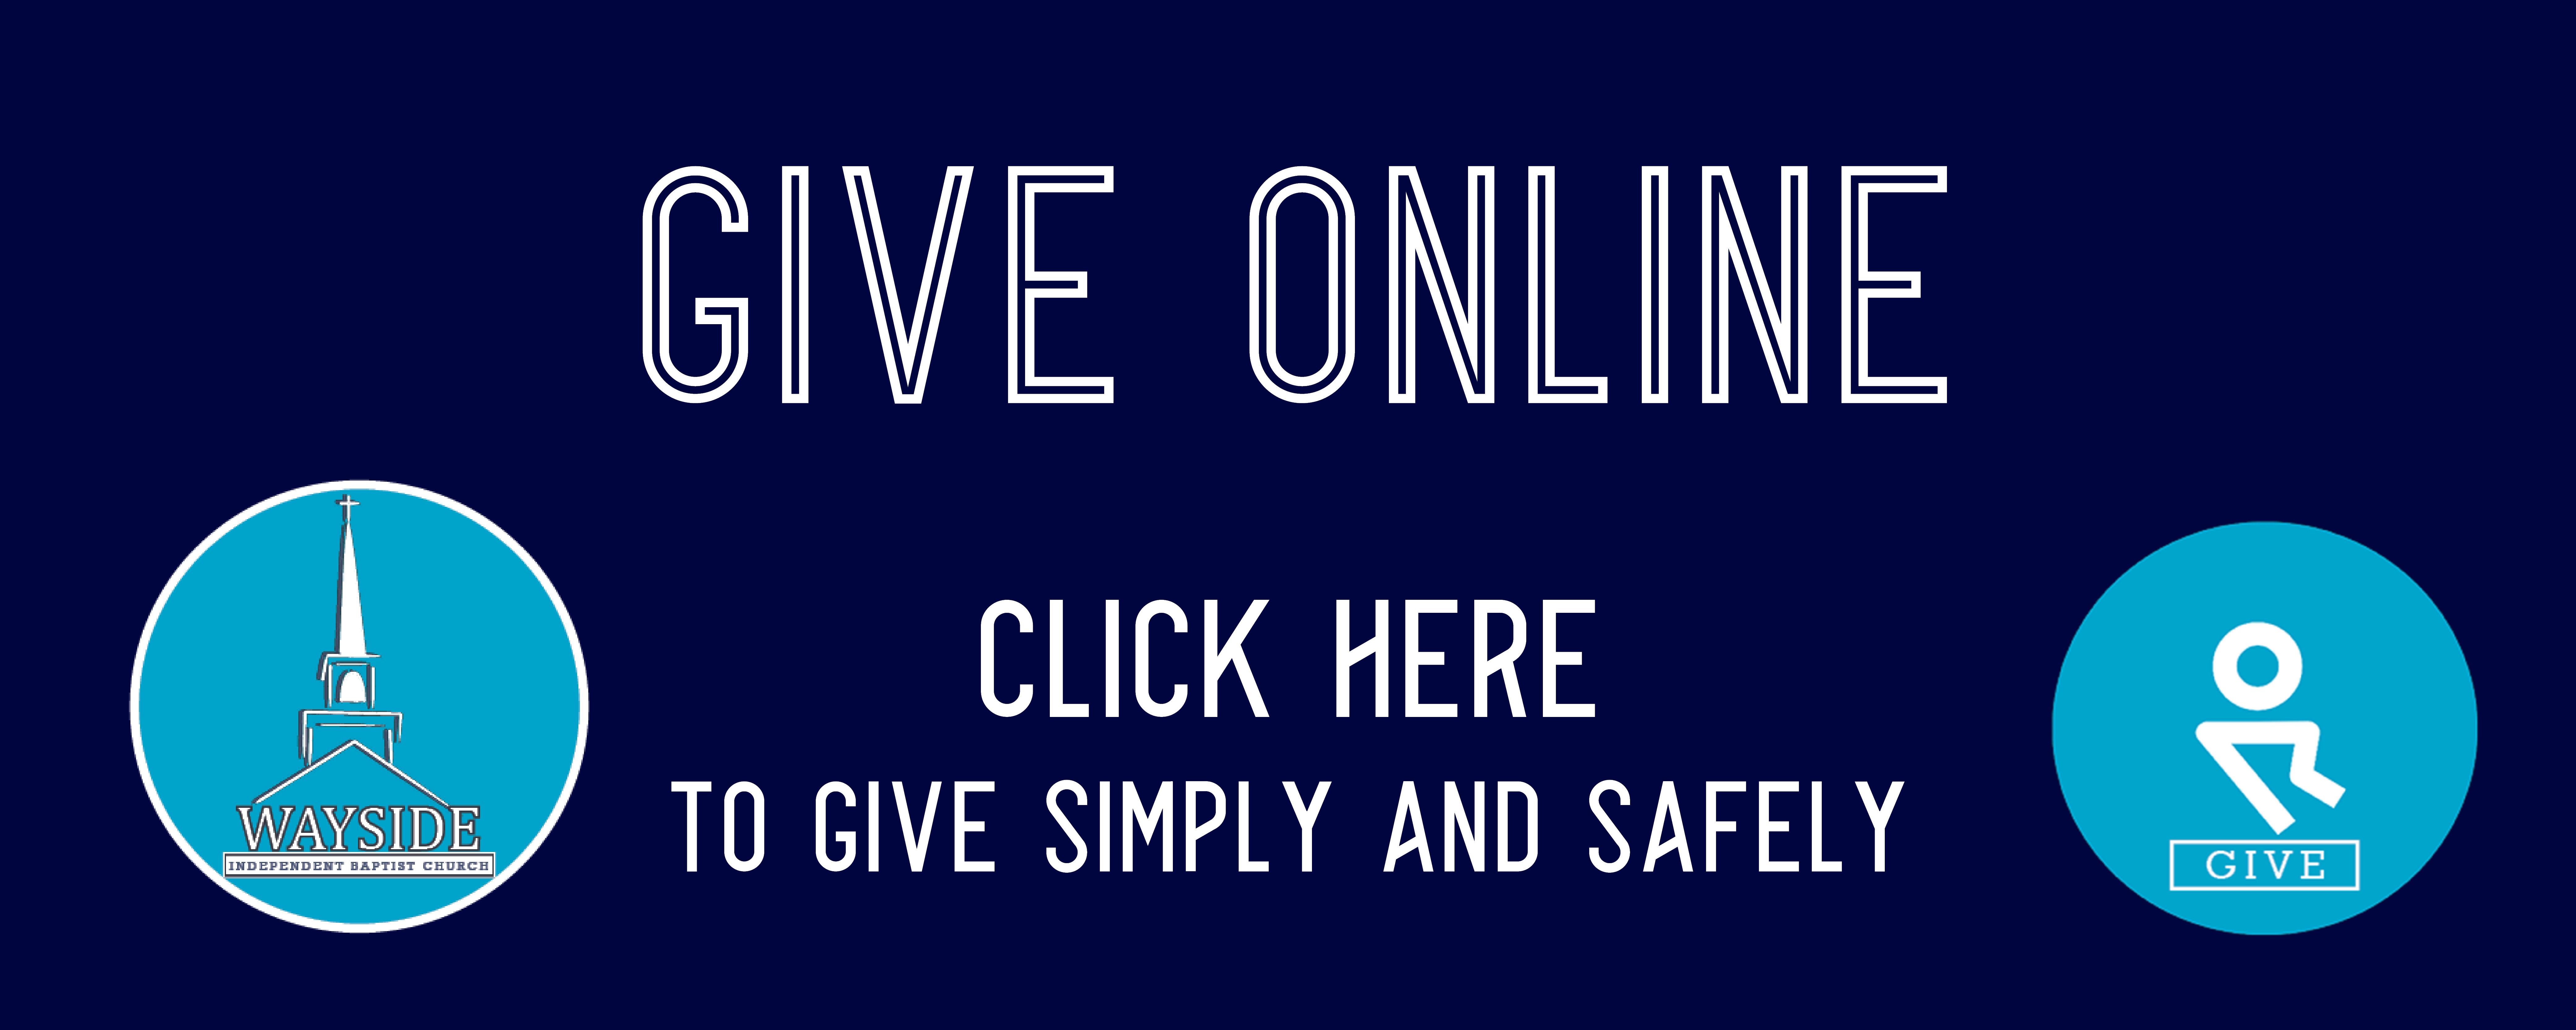 https://0201.nccdn.net/4_2/000/000/023/130/give-now-website-header.jpg